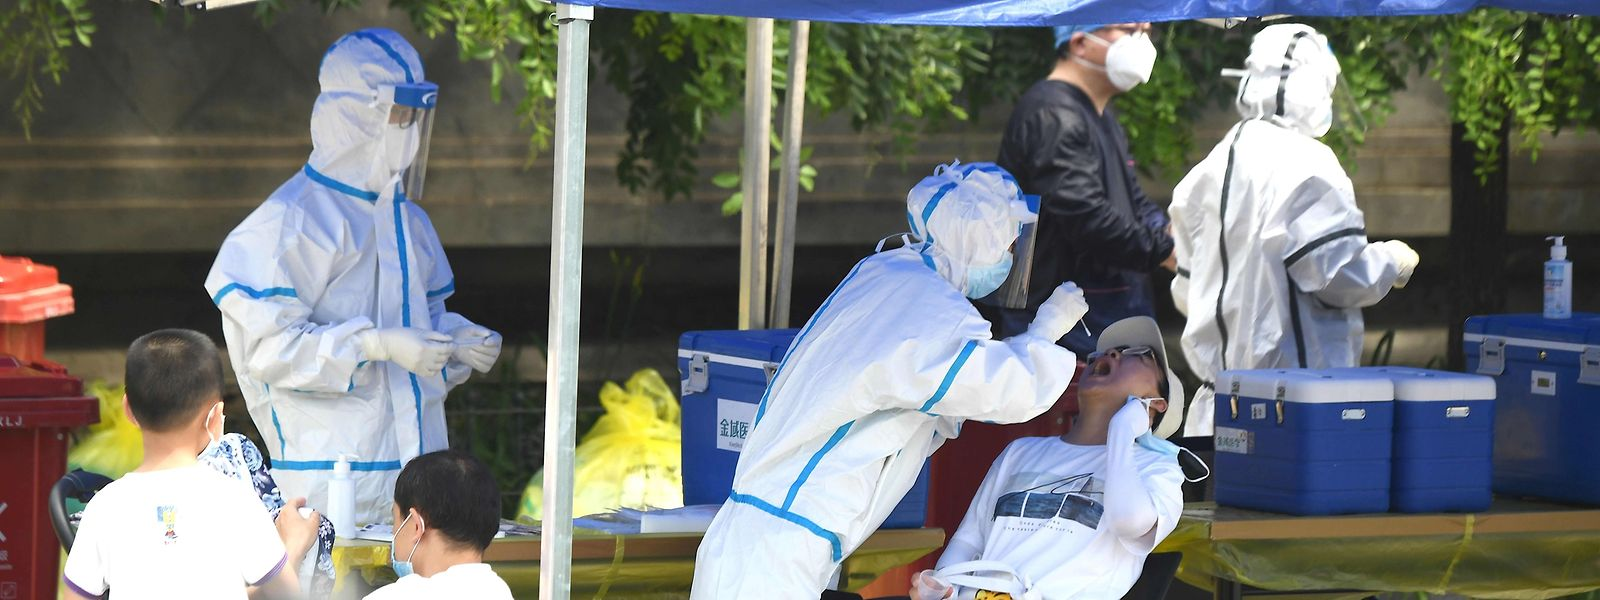 Täglich werden derzeit Tausende von Corona-Tests in Peking durchgeführt, um die Ausbreitung des Virus einzudämmen.